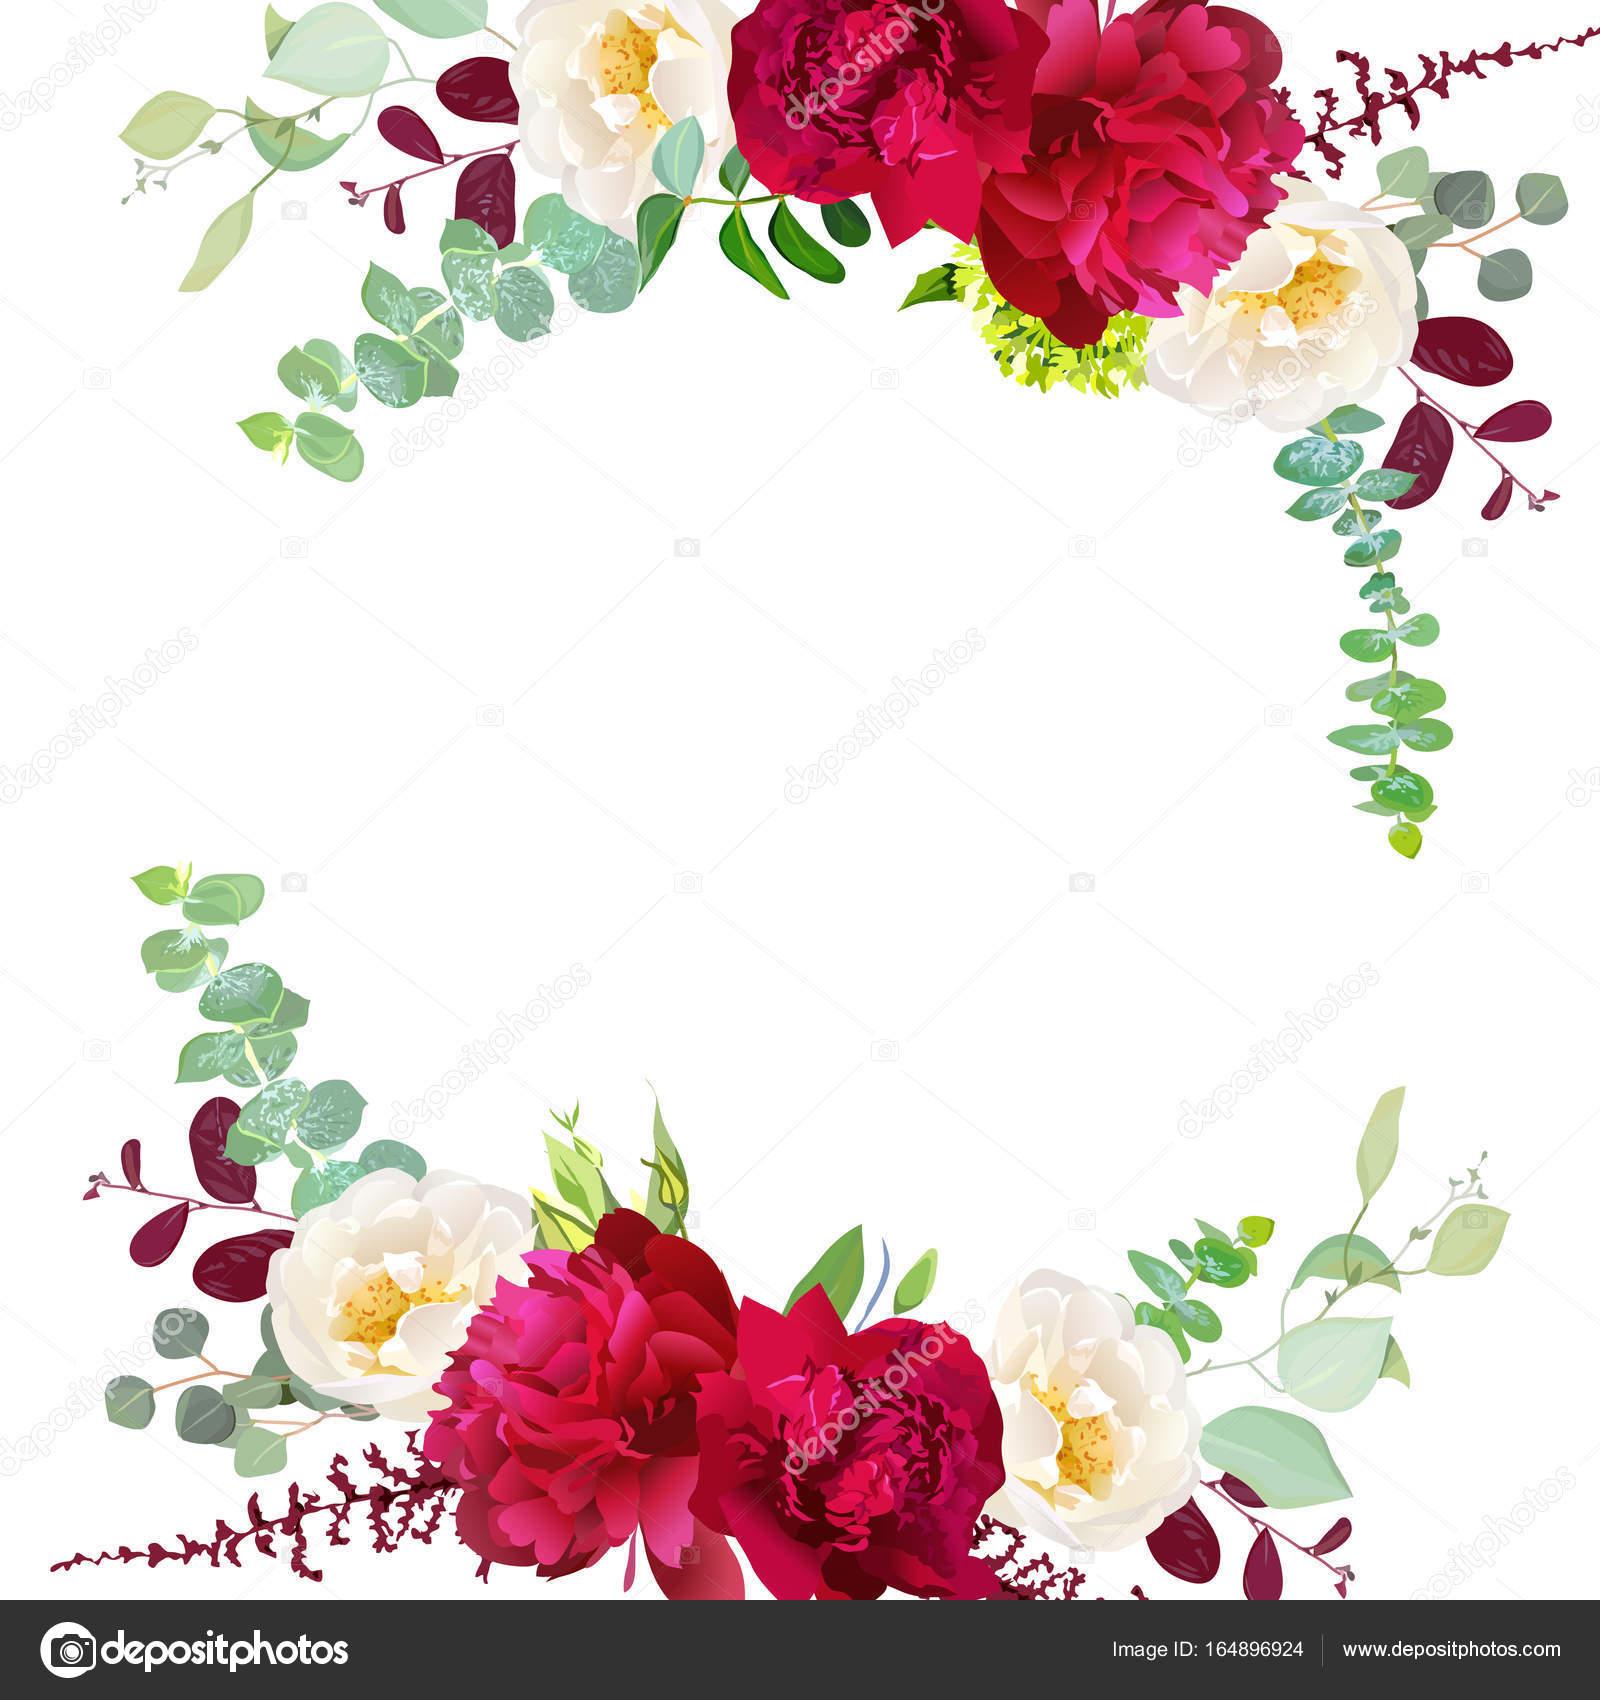 Otoño elegante ronda bouquet floral vector diseño marco — Archivo ...